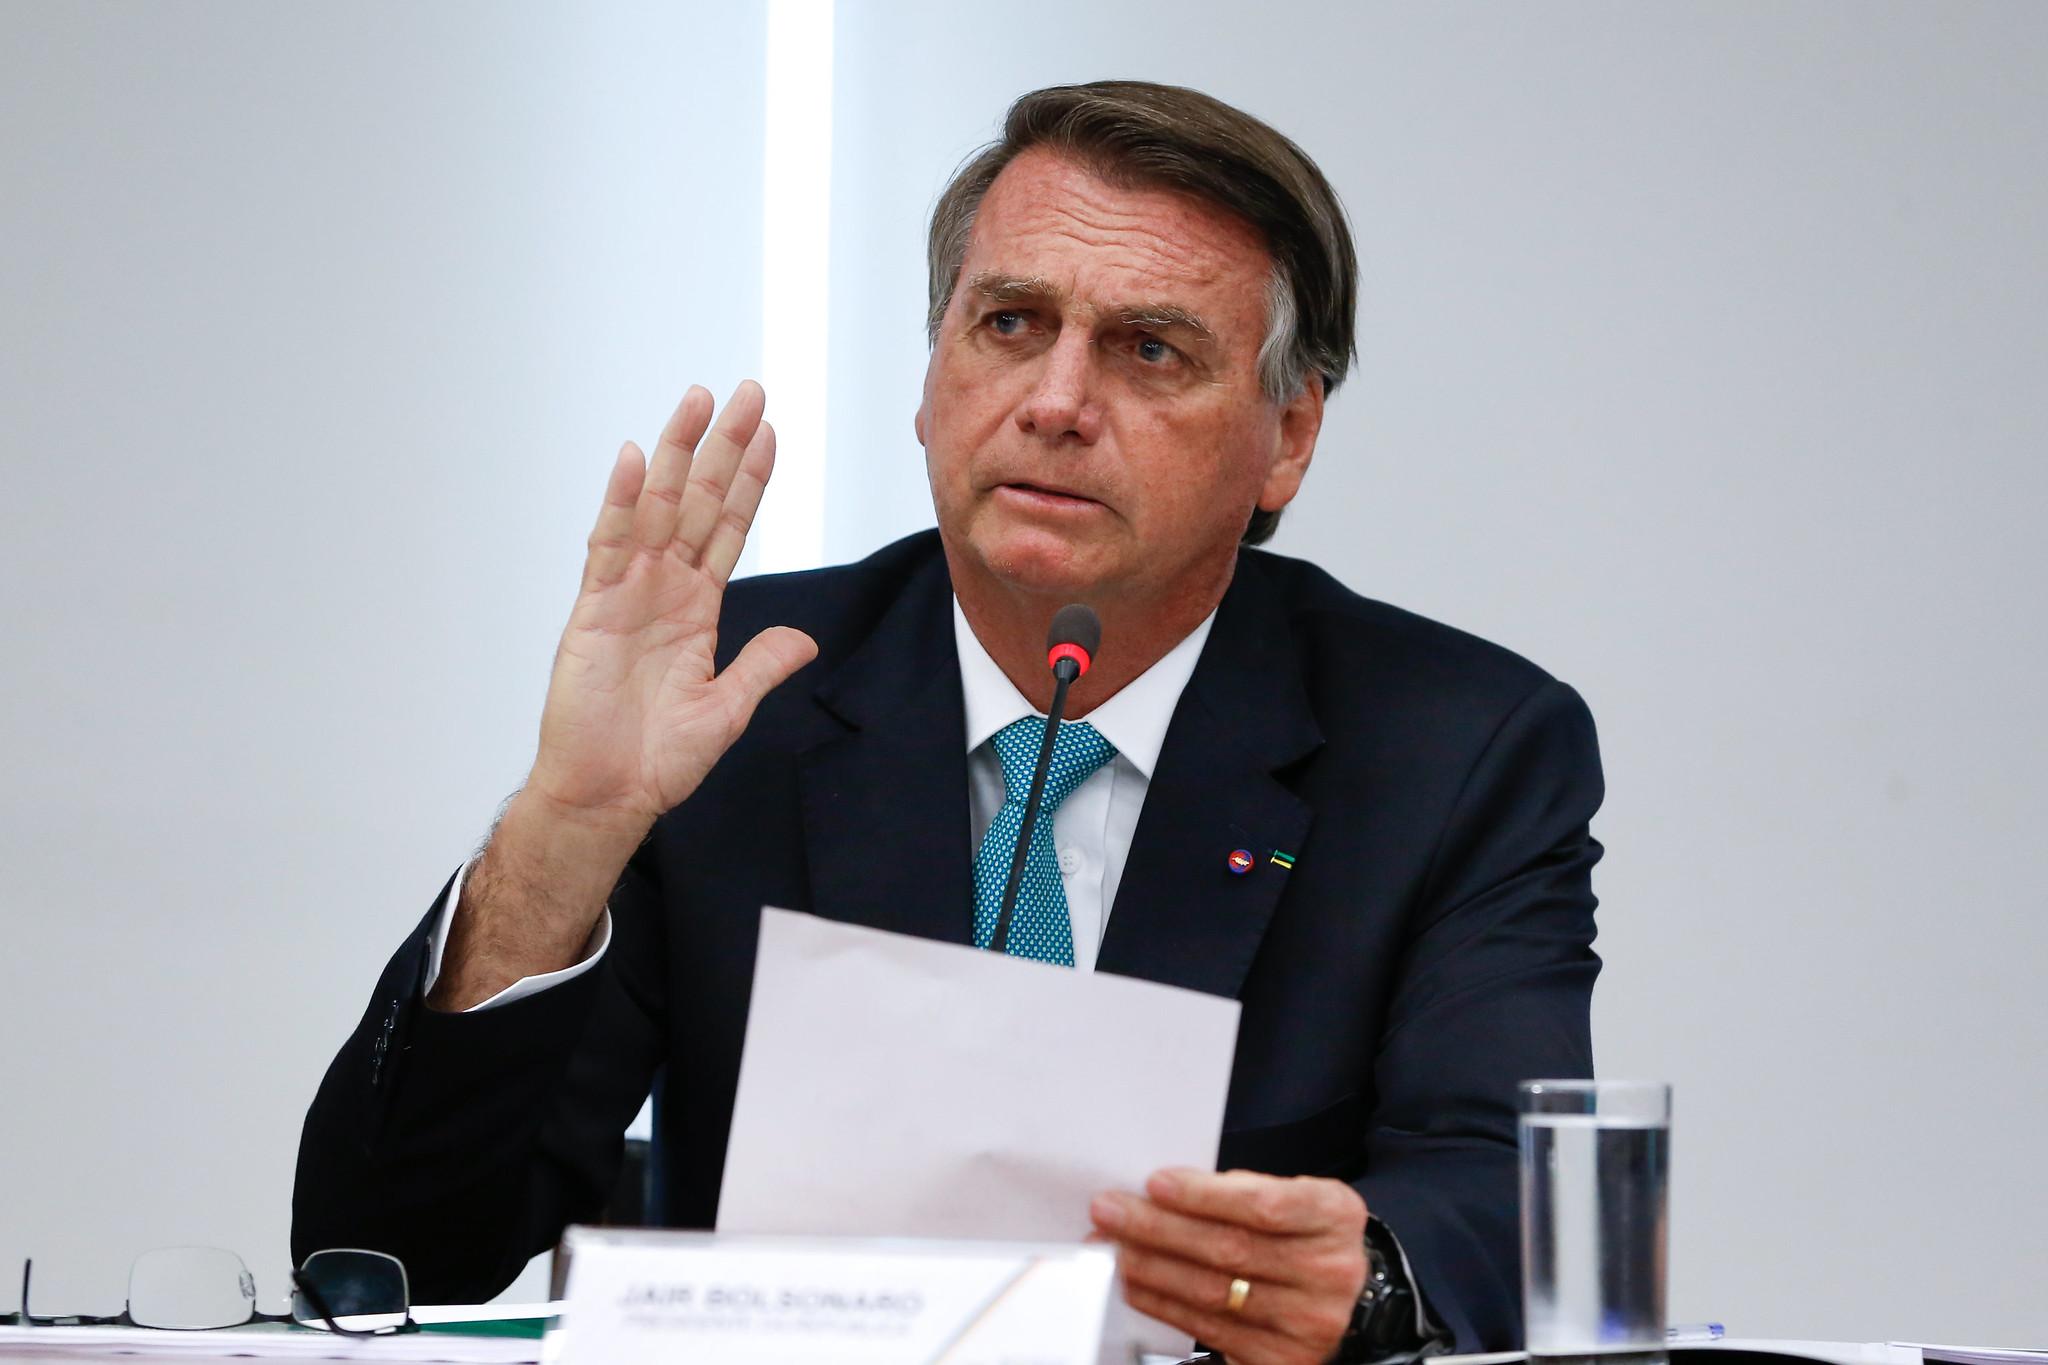 IMAGEM: MBL denunciará Bolsonaro no Tribunal de Haia por genocídio; leia o documento